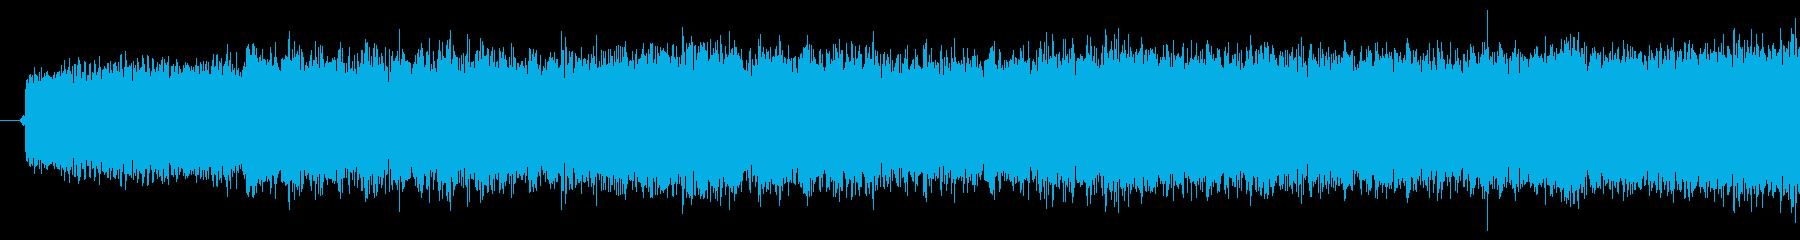 吸い込み音の再生済みの波形